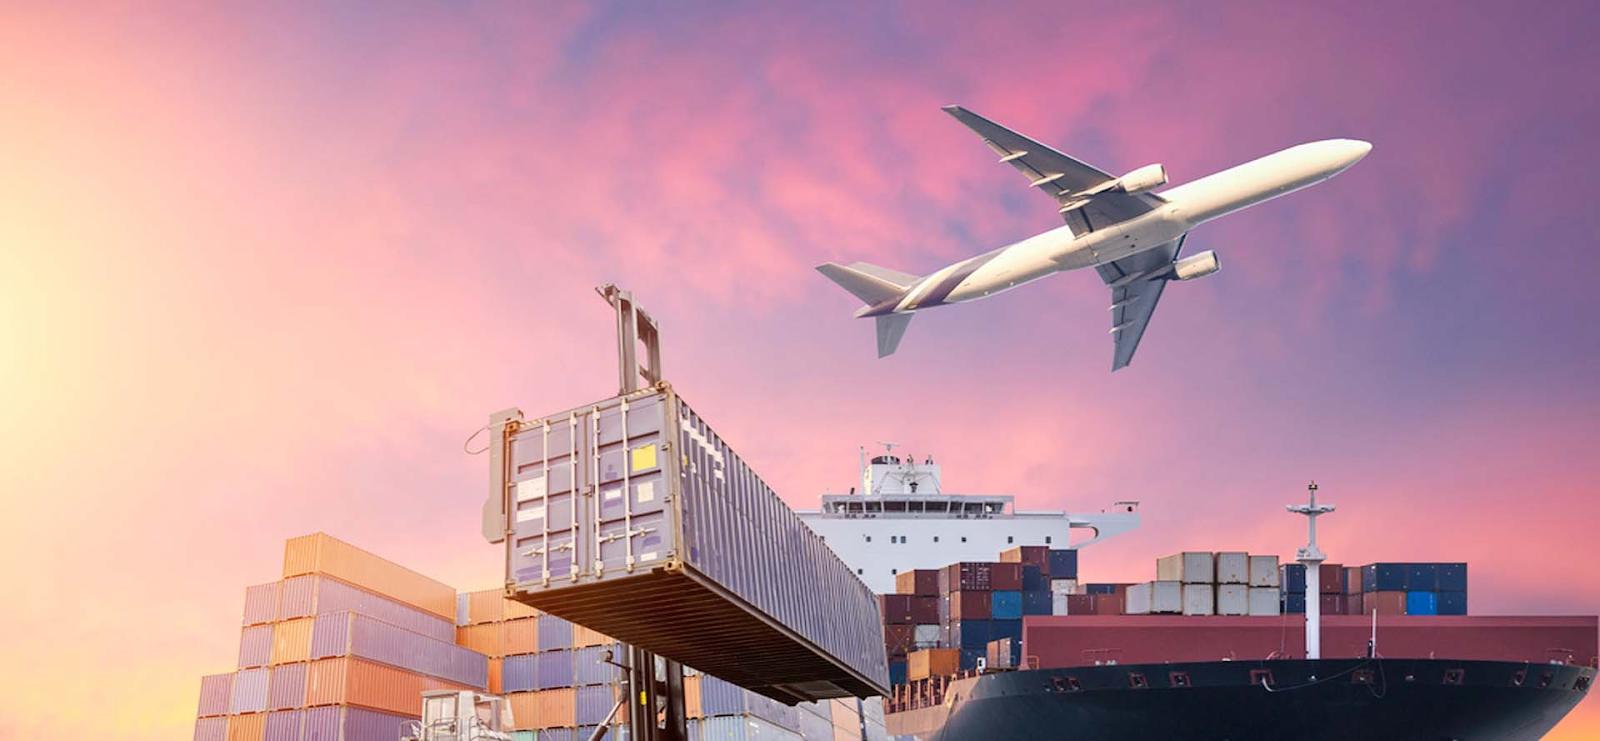 Chuyển phát nhanh chi phí cao vì thường vận chuyển bằng máy bay